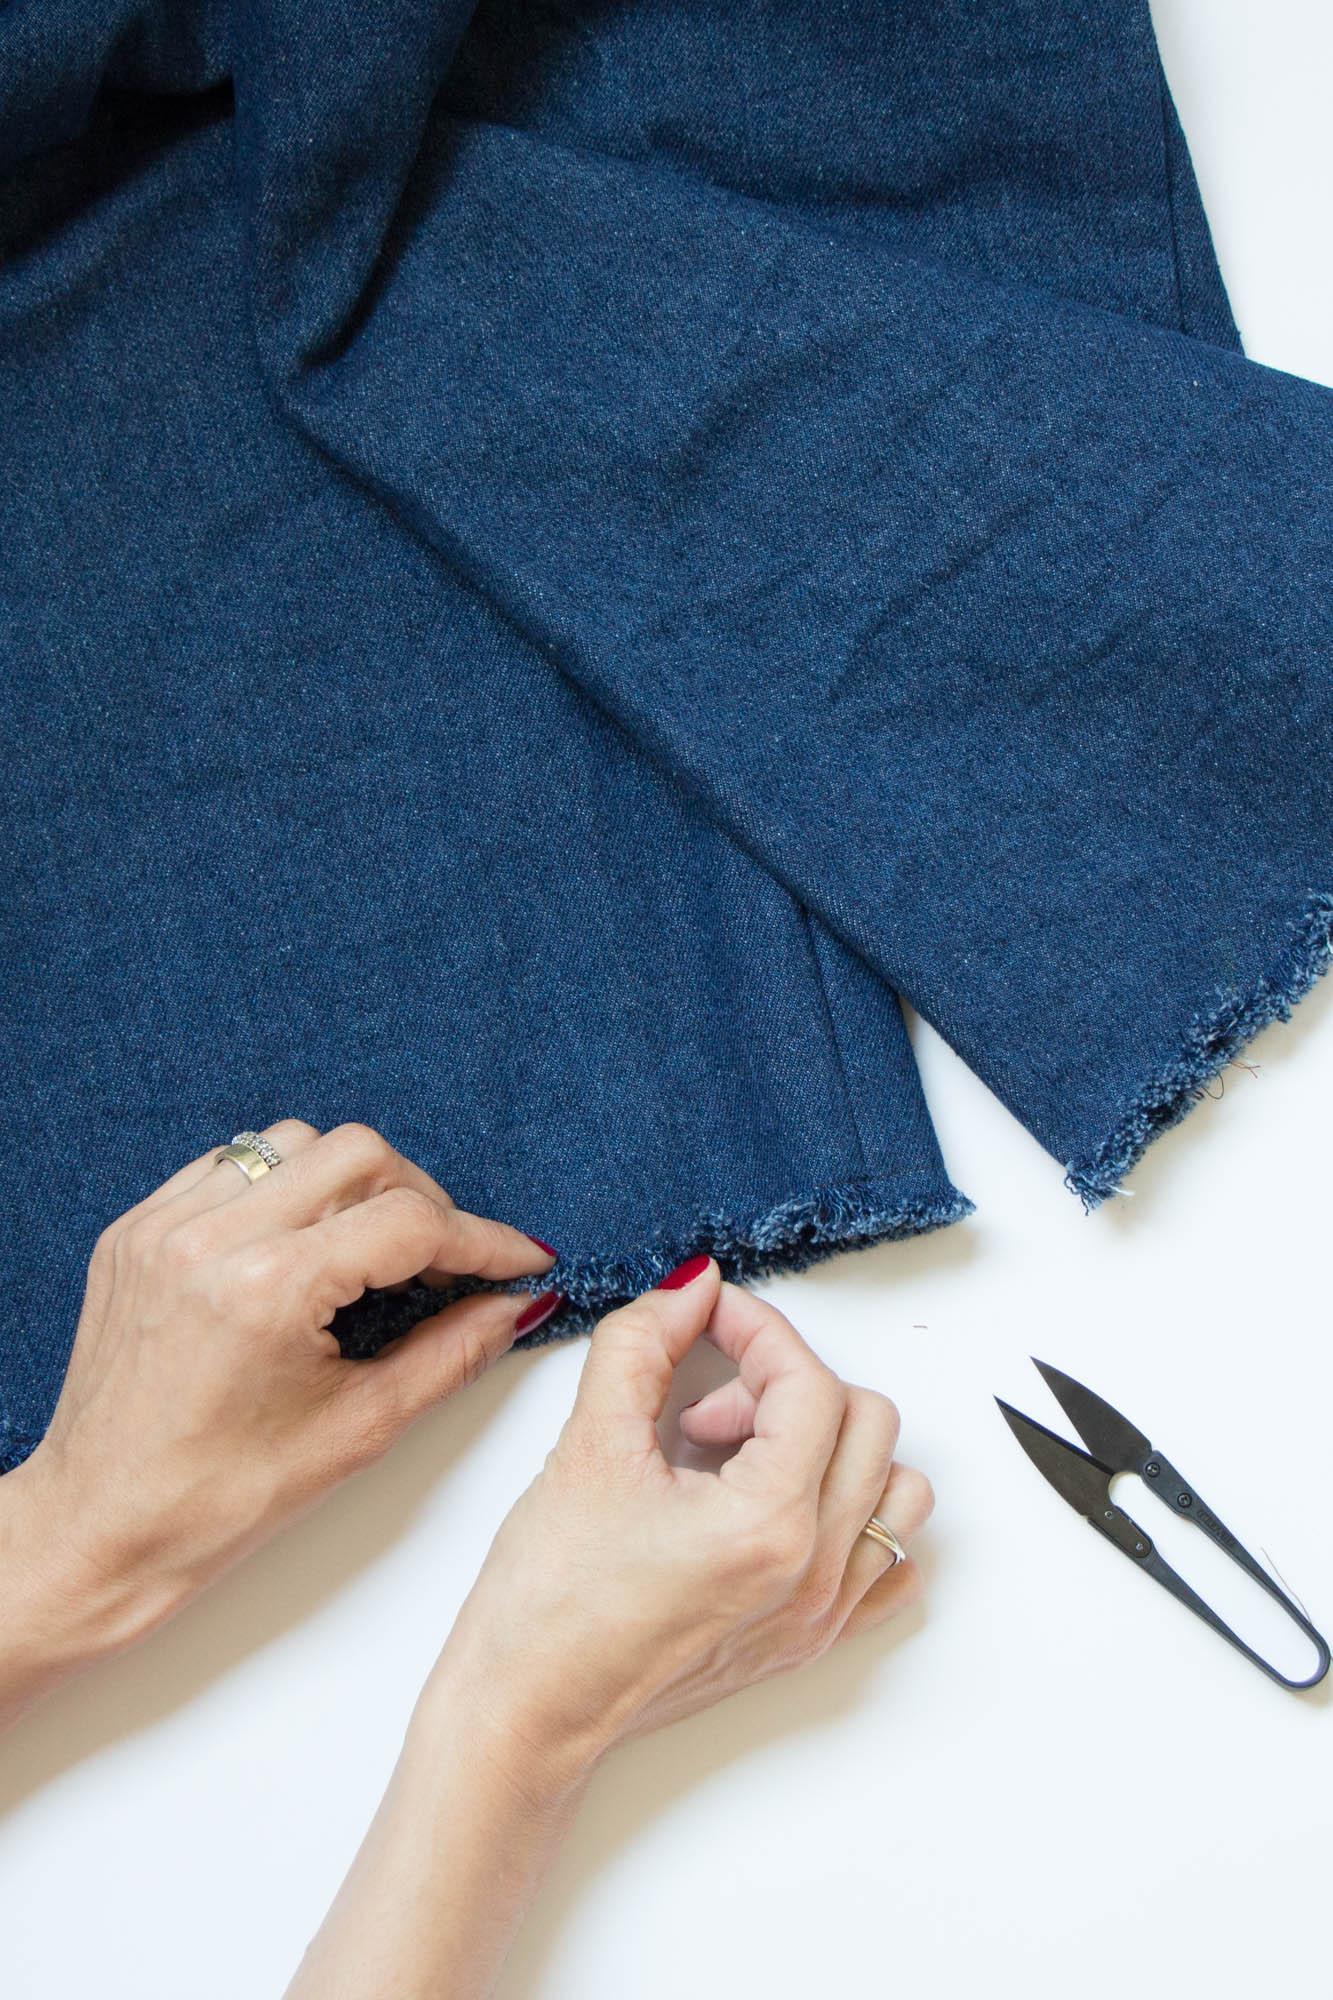 Jeans nähen - Hosensaum ausfransen